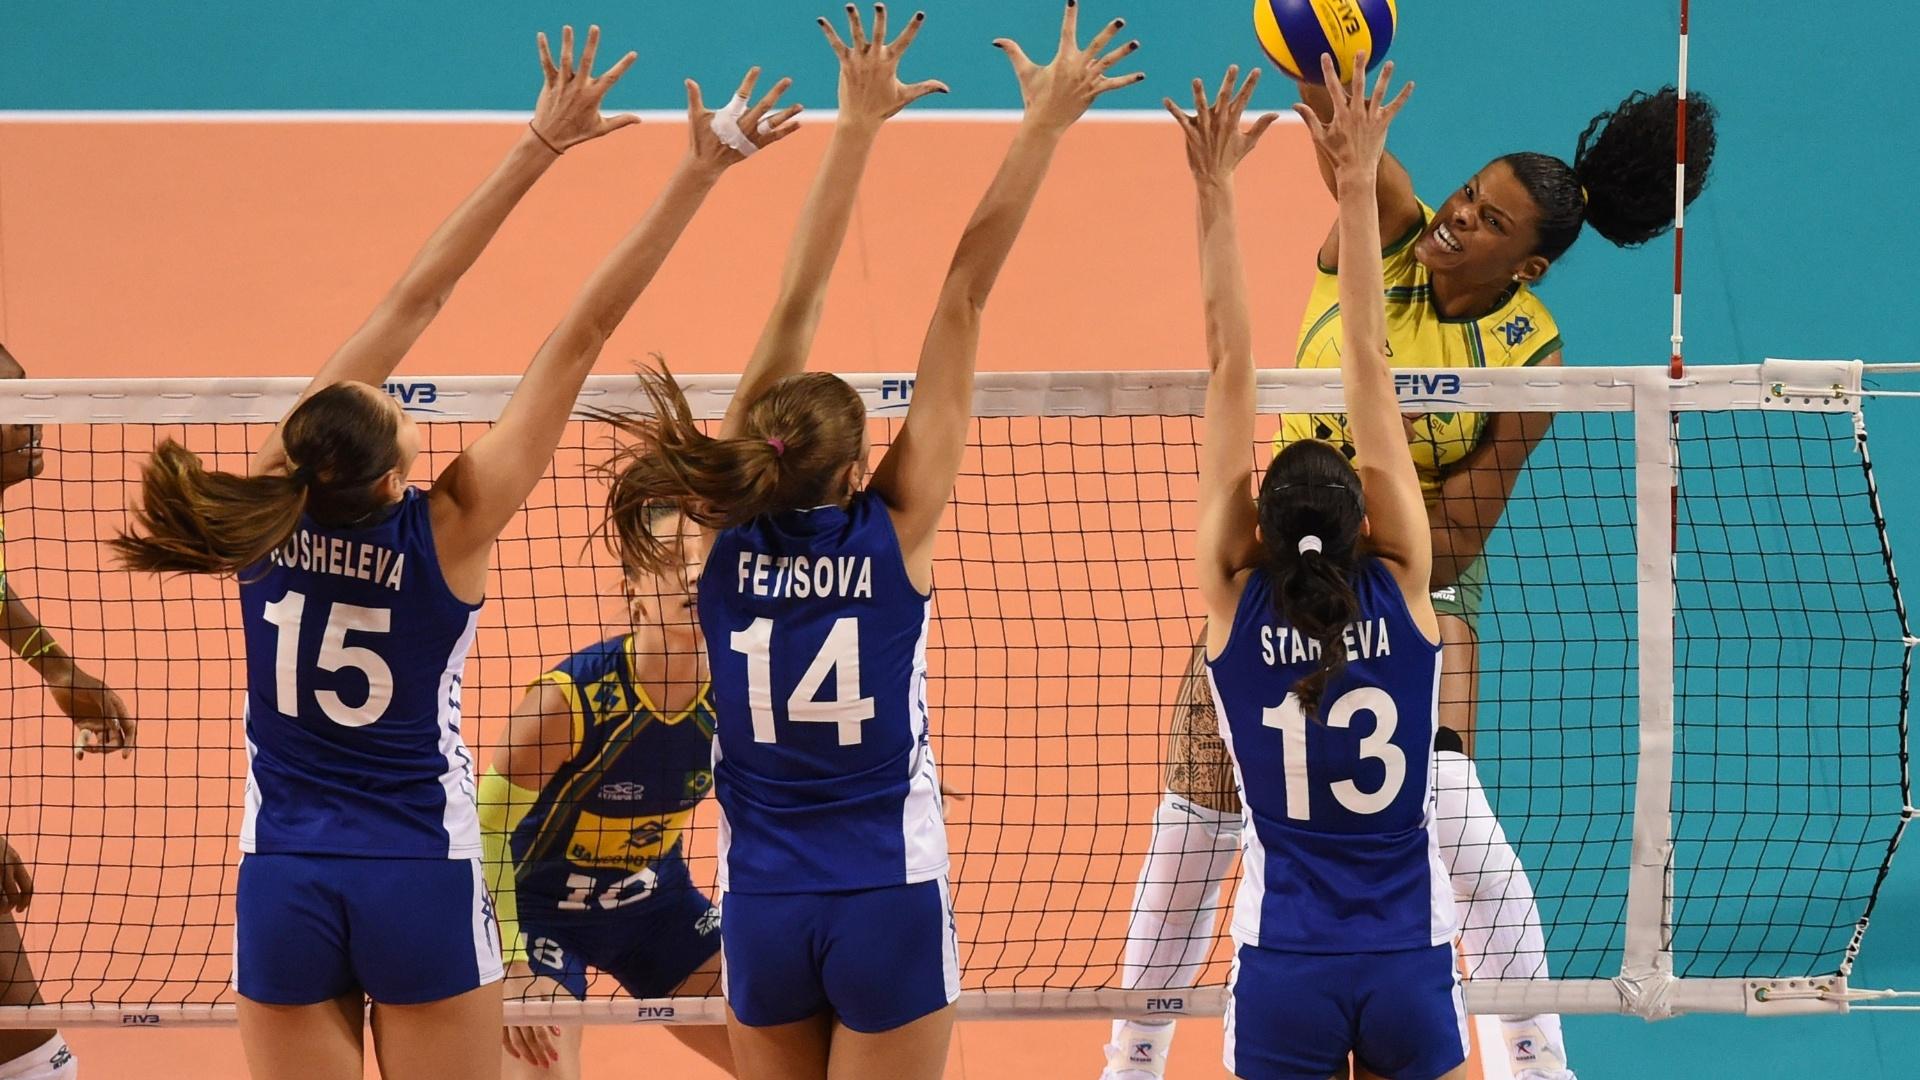 Fernanda Garay encara o paredão triplo da Rússia durante a vitória do Brasil